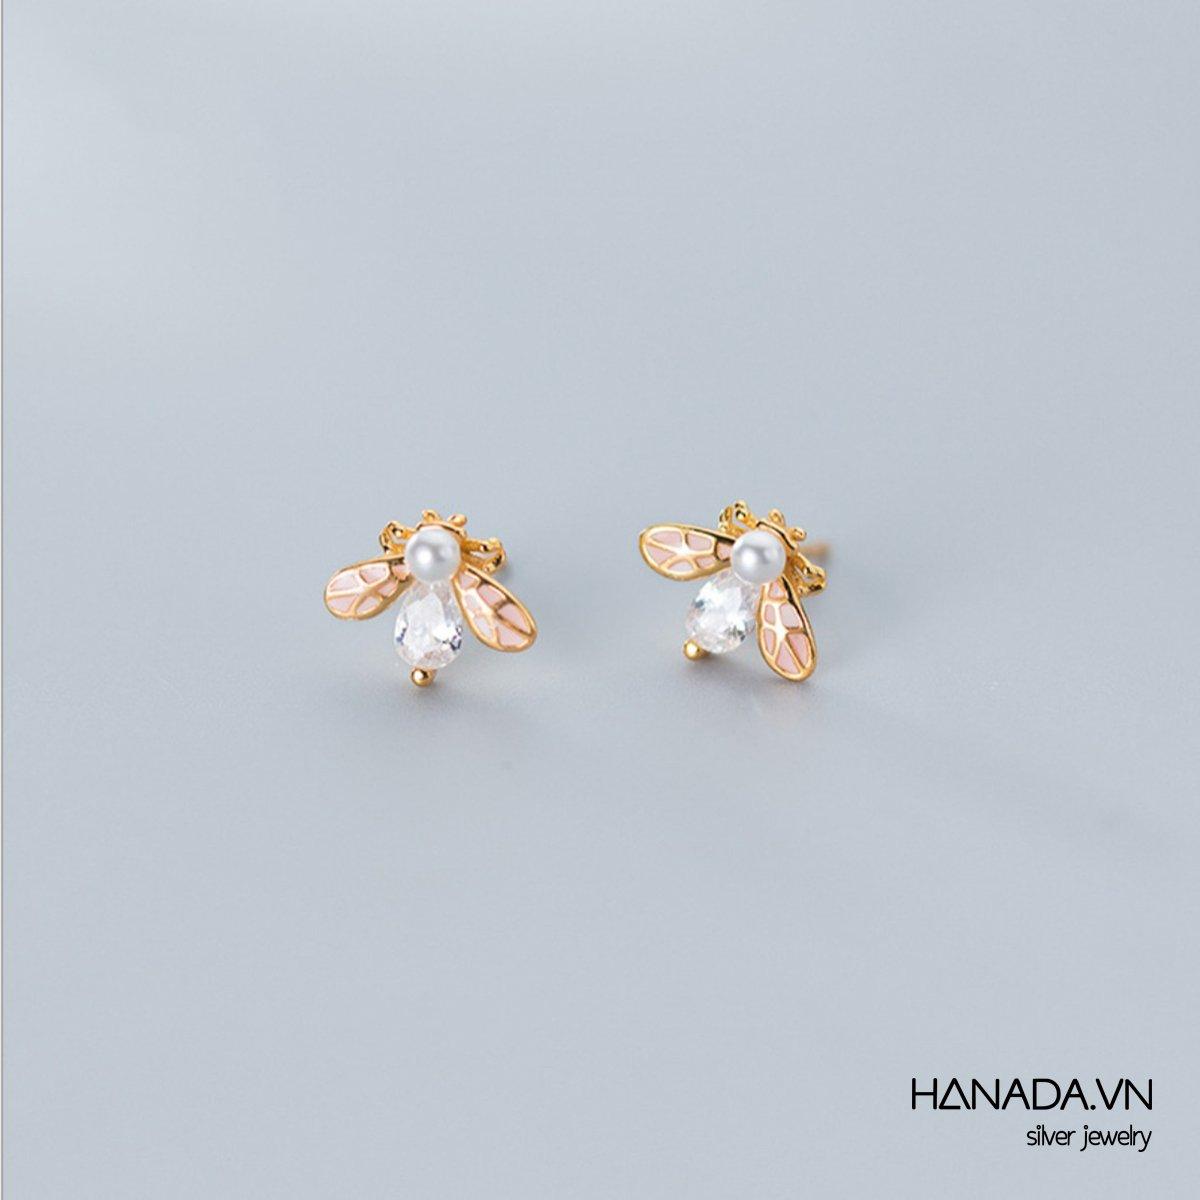 Bông Tai Bạc 925 Hanada N34.E.P.A.300. 518 Ong Vàng Ngọc Trai